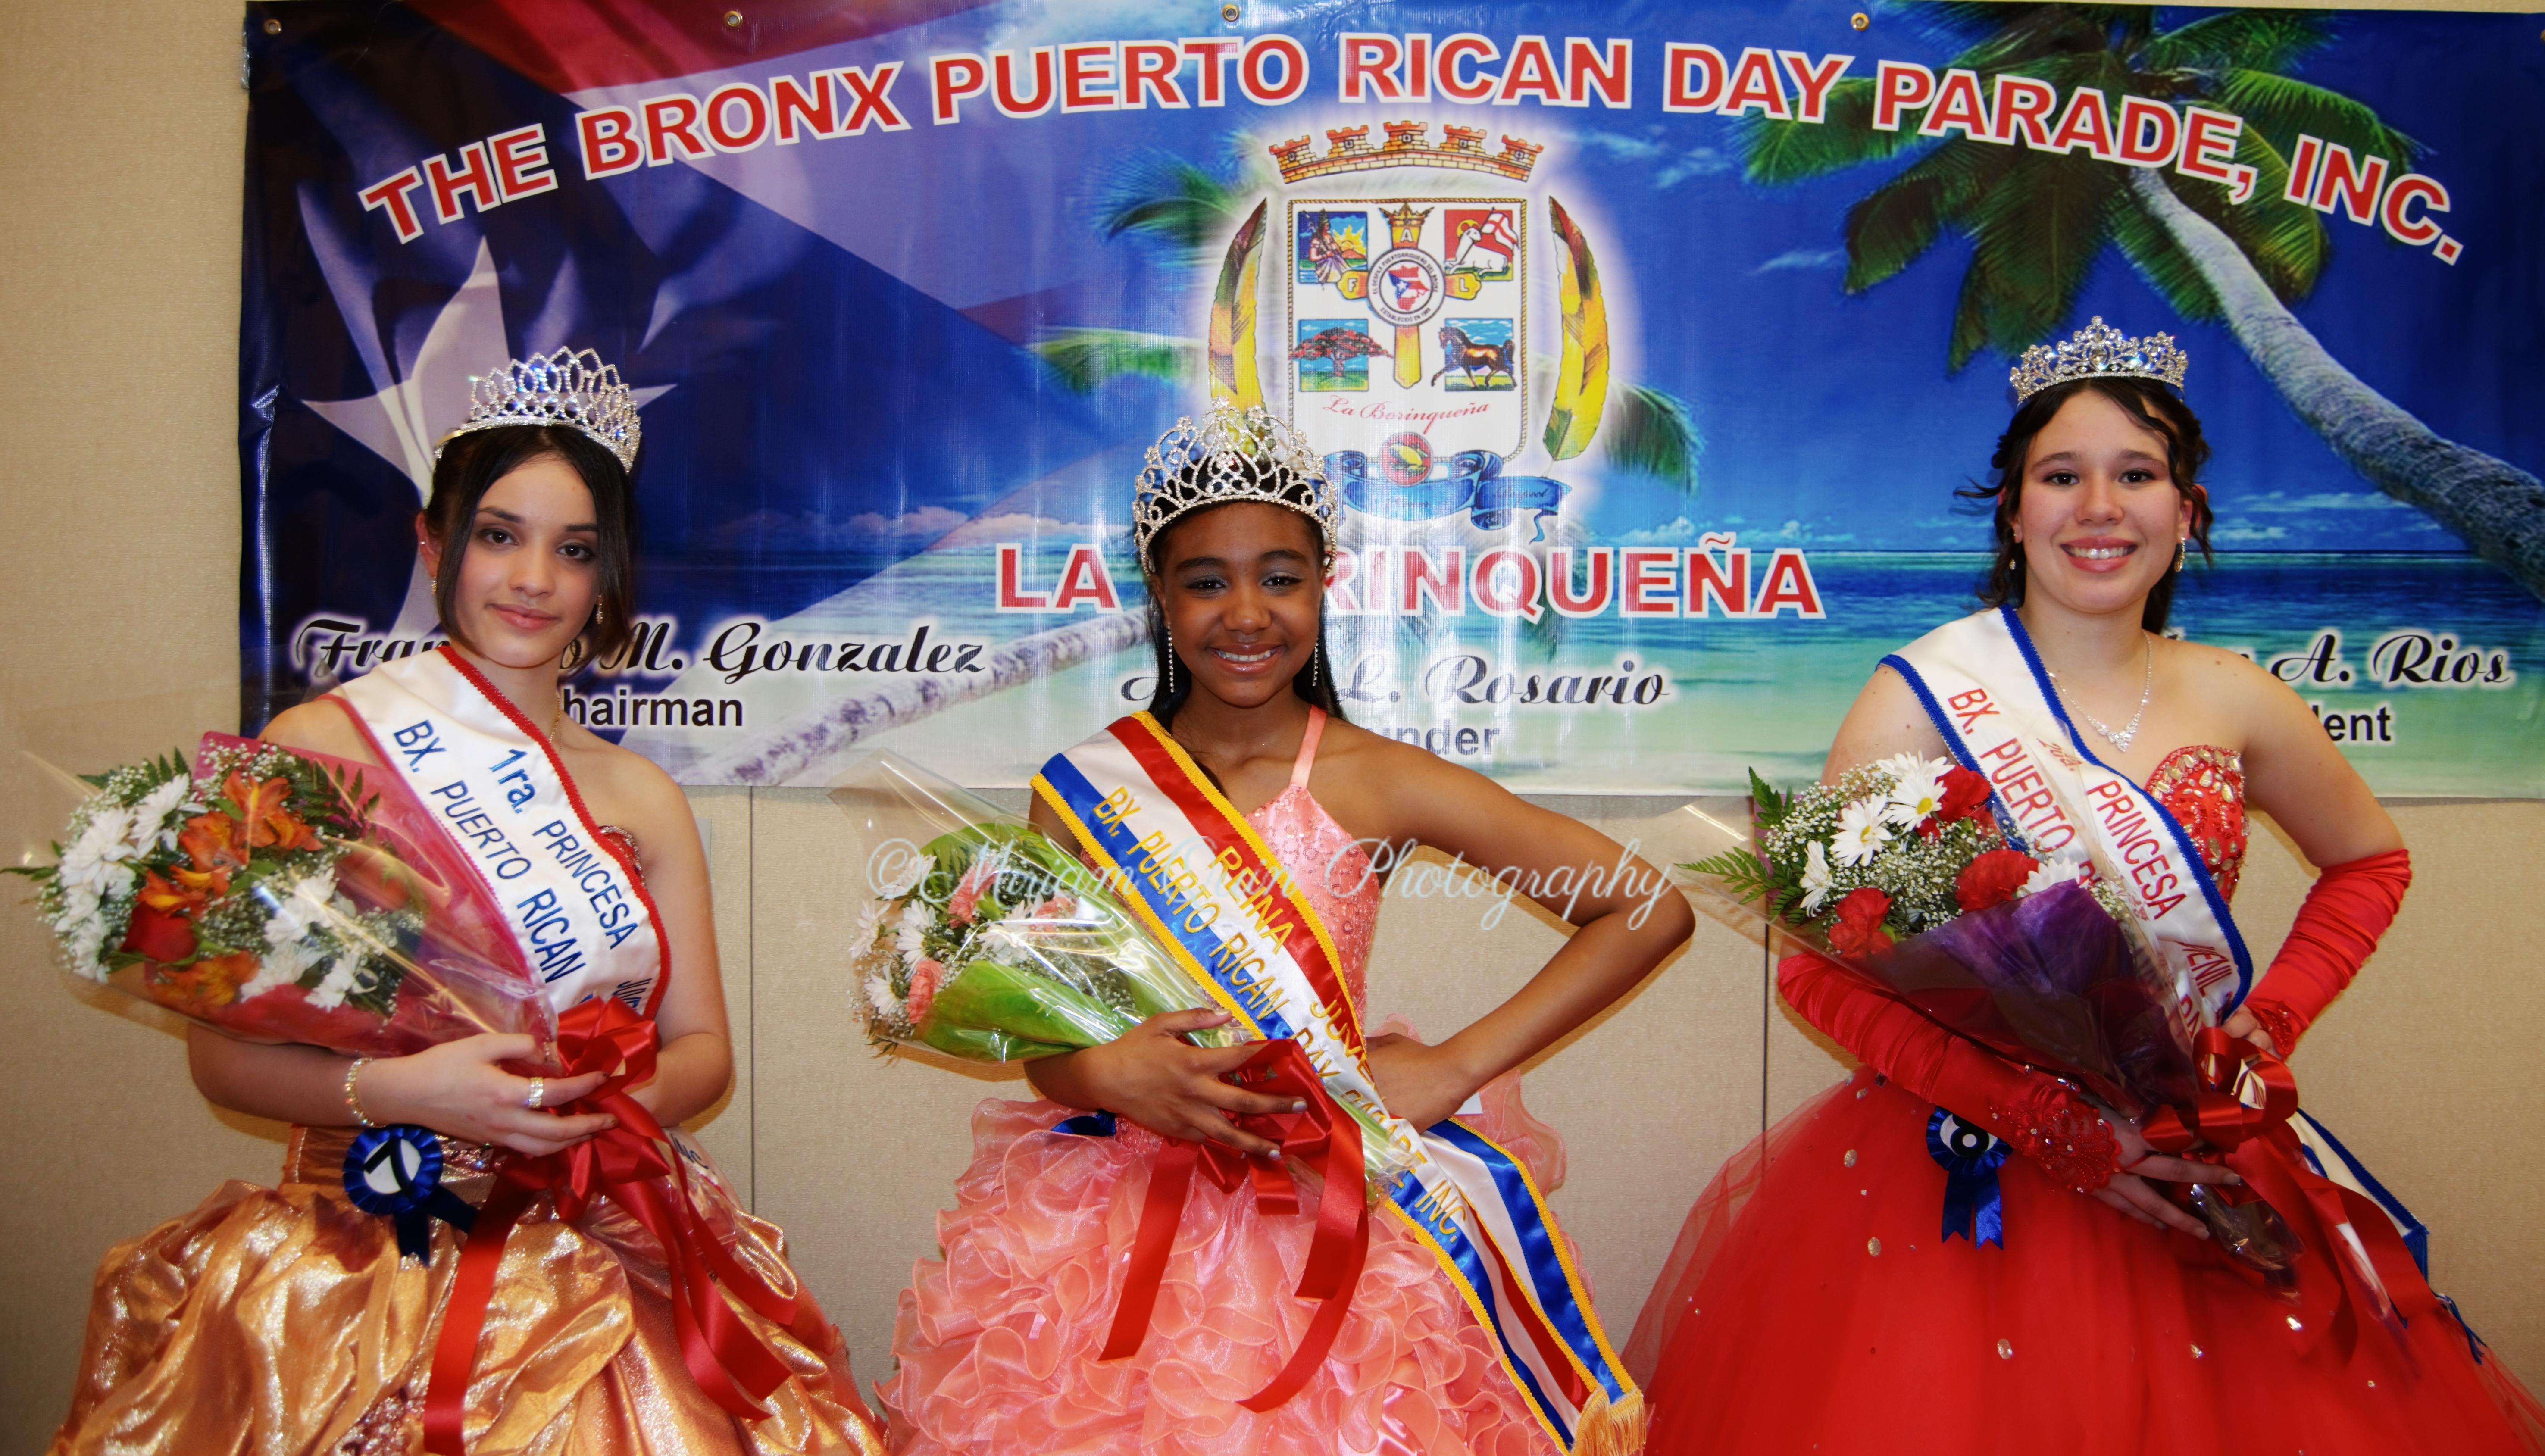 REINADO JUVENIL 2015 QUEEN 2 princesses DSC_4525 (4) fix